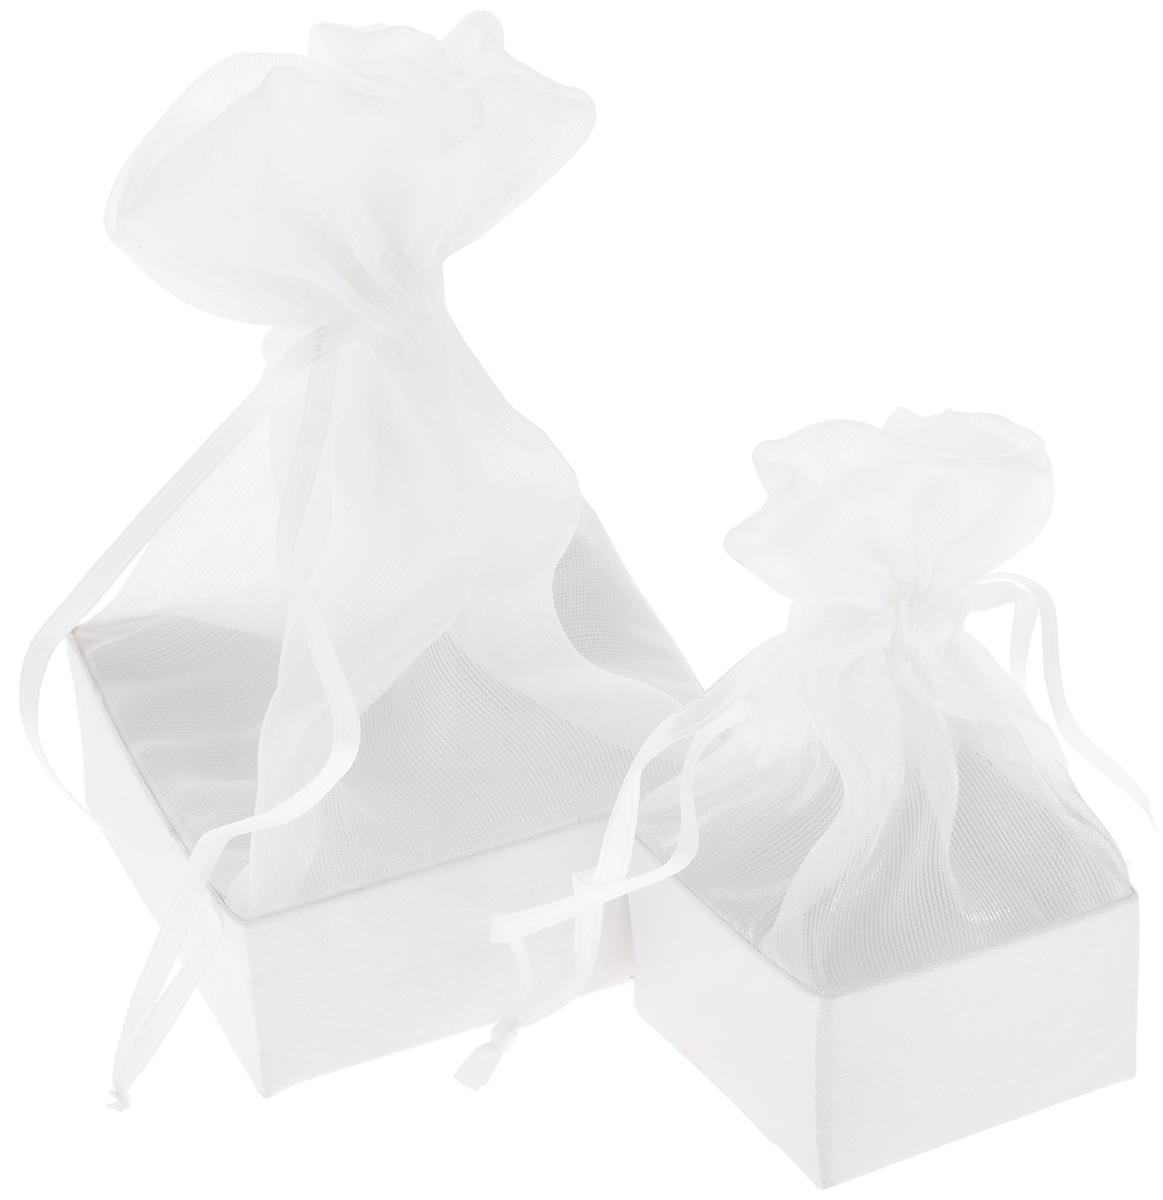 Коробочка для подарка Piovaccari Тиффани, цвет: белый, 7,5 х 7,5 х 16,67718303Коробочка для подарка ТИФФАНИ 7,5 х 7,5 х 16 см, PiovaccariPiovaccari Тиффани станет одним из самых оригинальных вариантов упаковки для подарка. Яркий дизайн будет долго напоминать владельцу о трогательных моментах получения подарка.